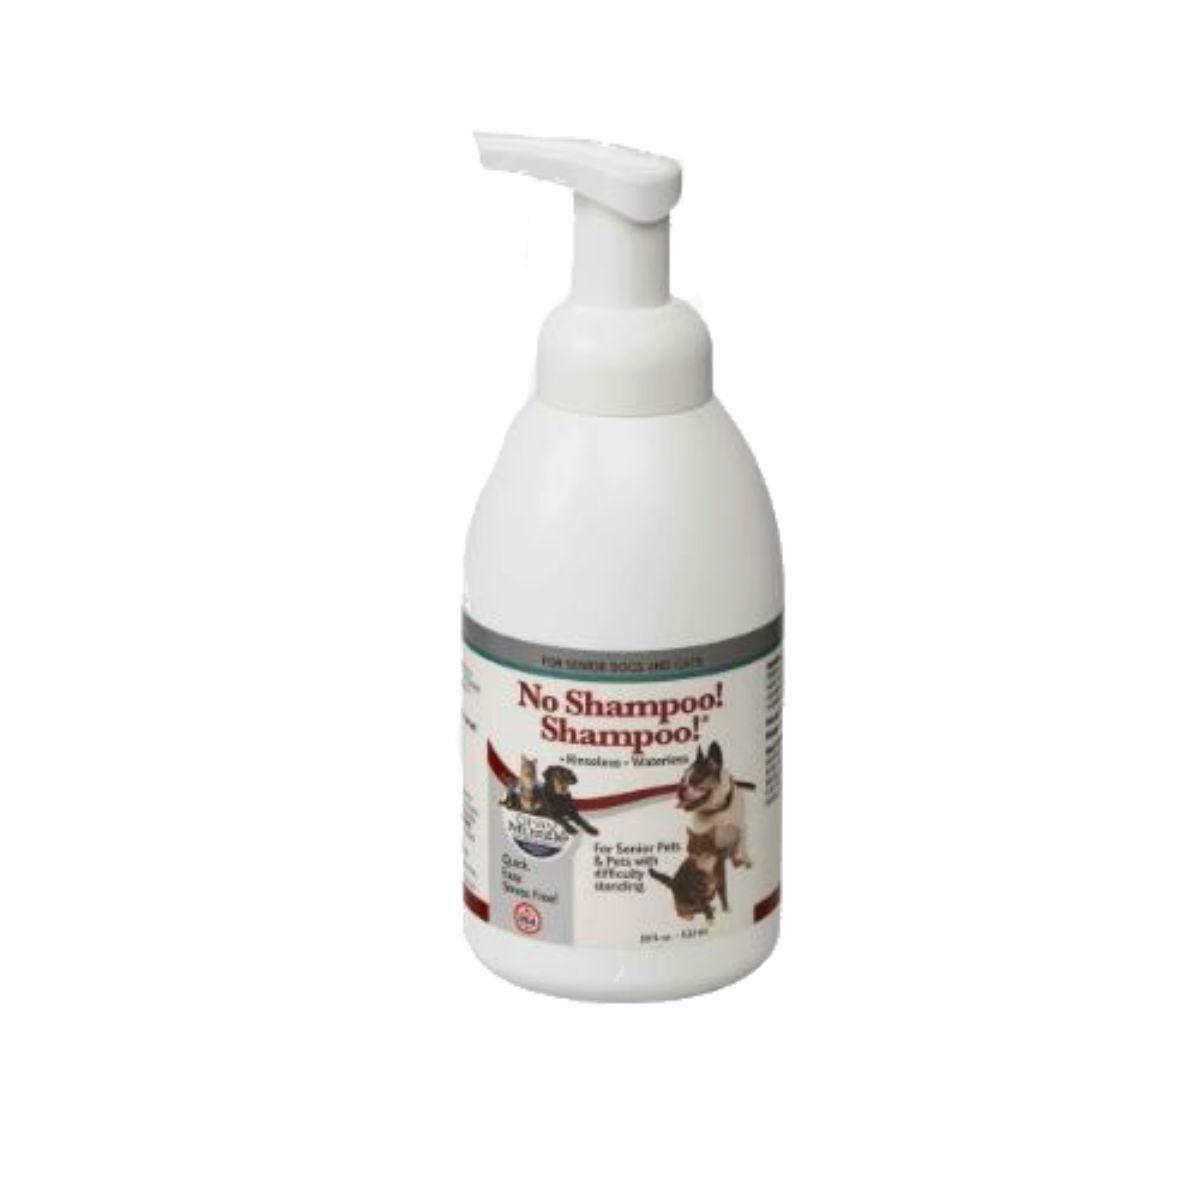 Ark Naturals Gray Muzzle No Shampoo! Shampoo! Dry Pet Shampoo